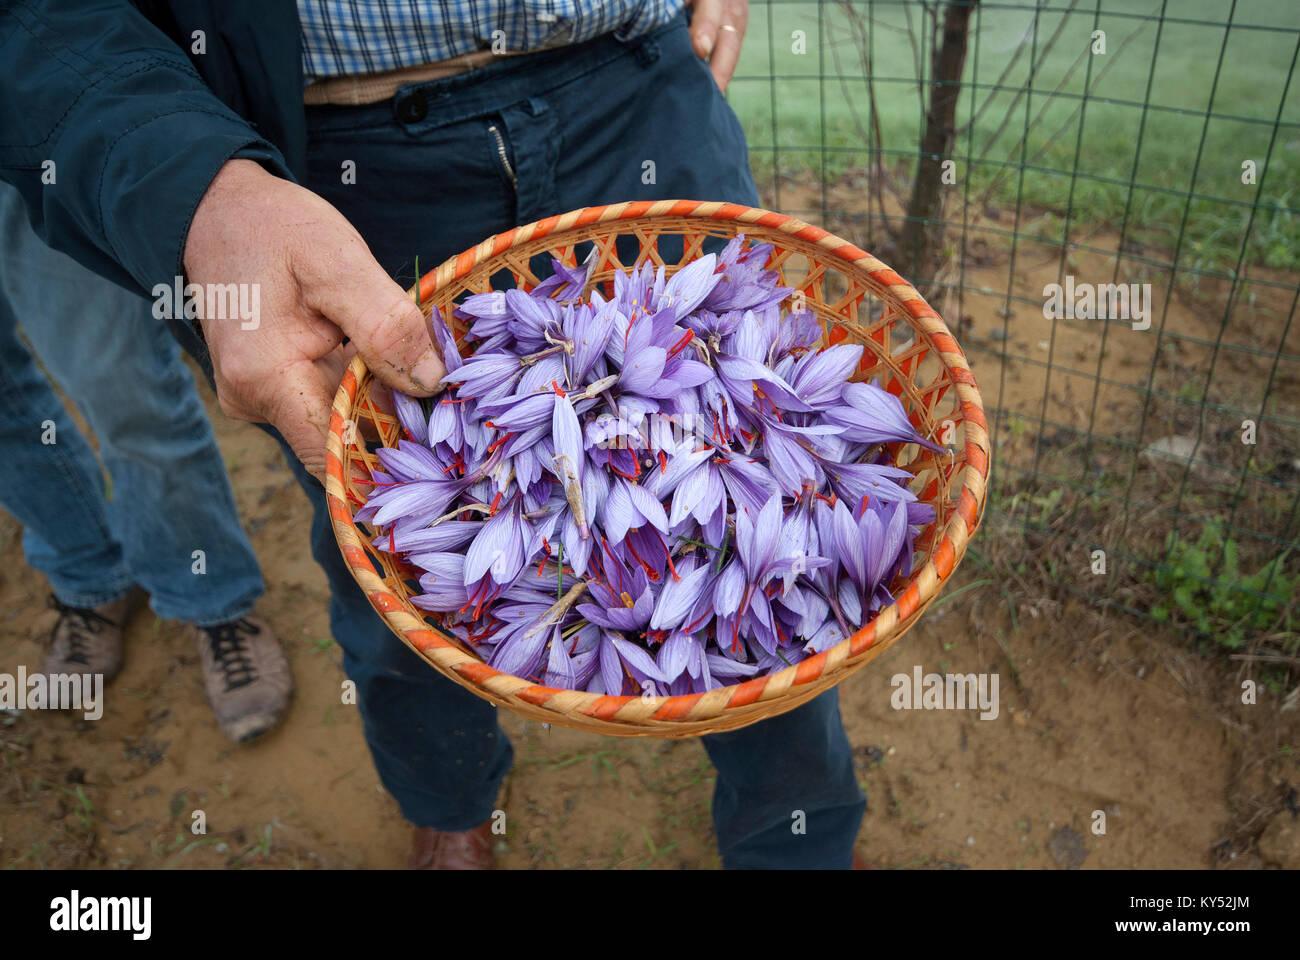 Flowers of saffron (Crocus sativus), Città della Pieve, Umbria, Italy - Stock Image